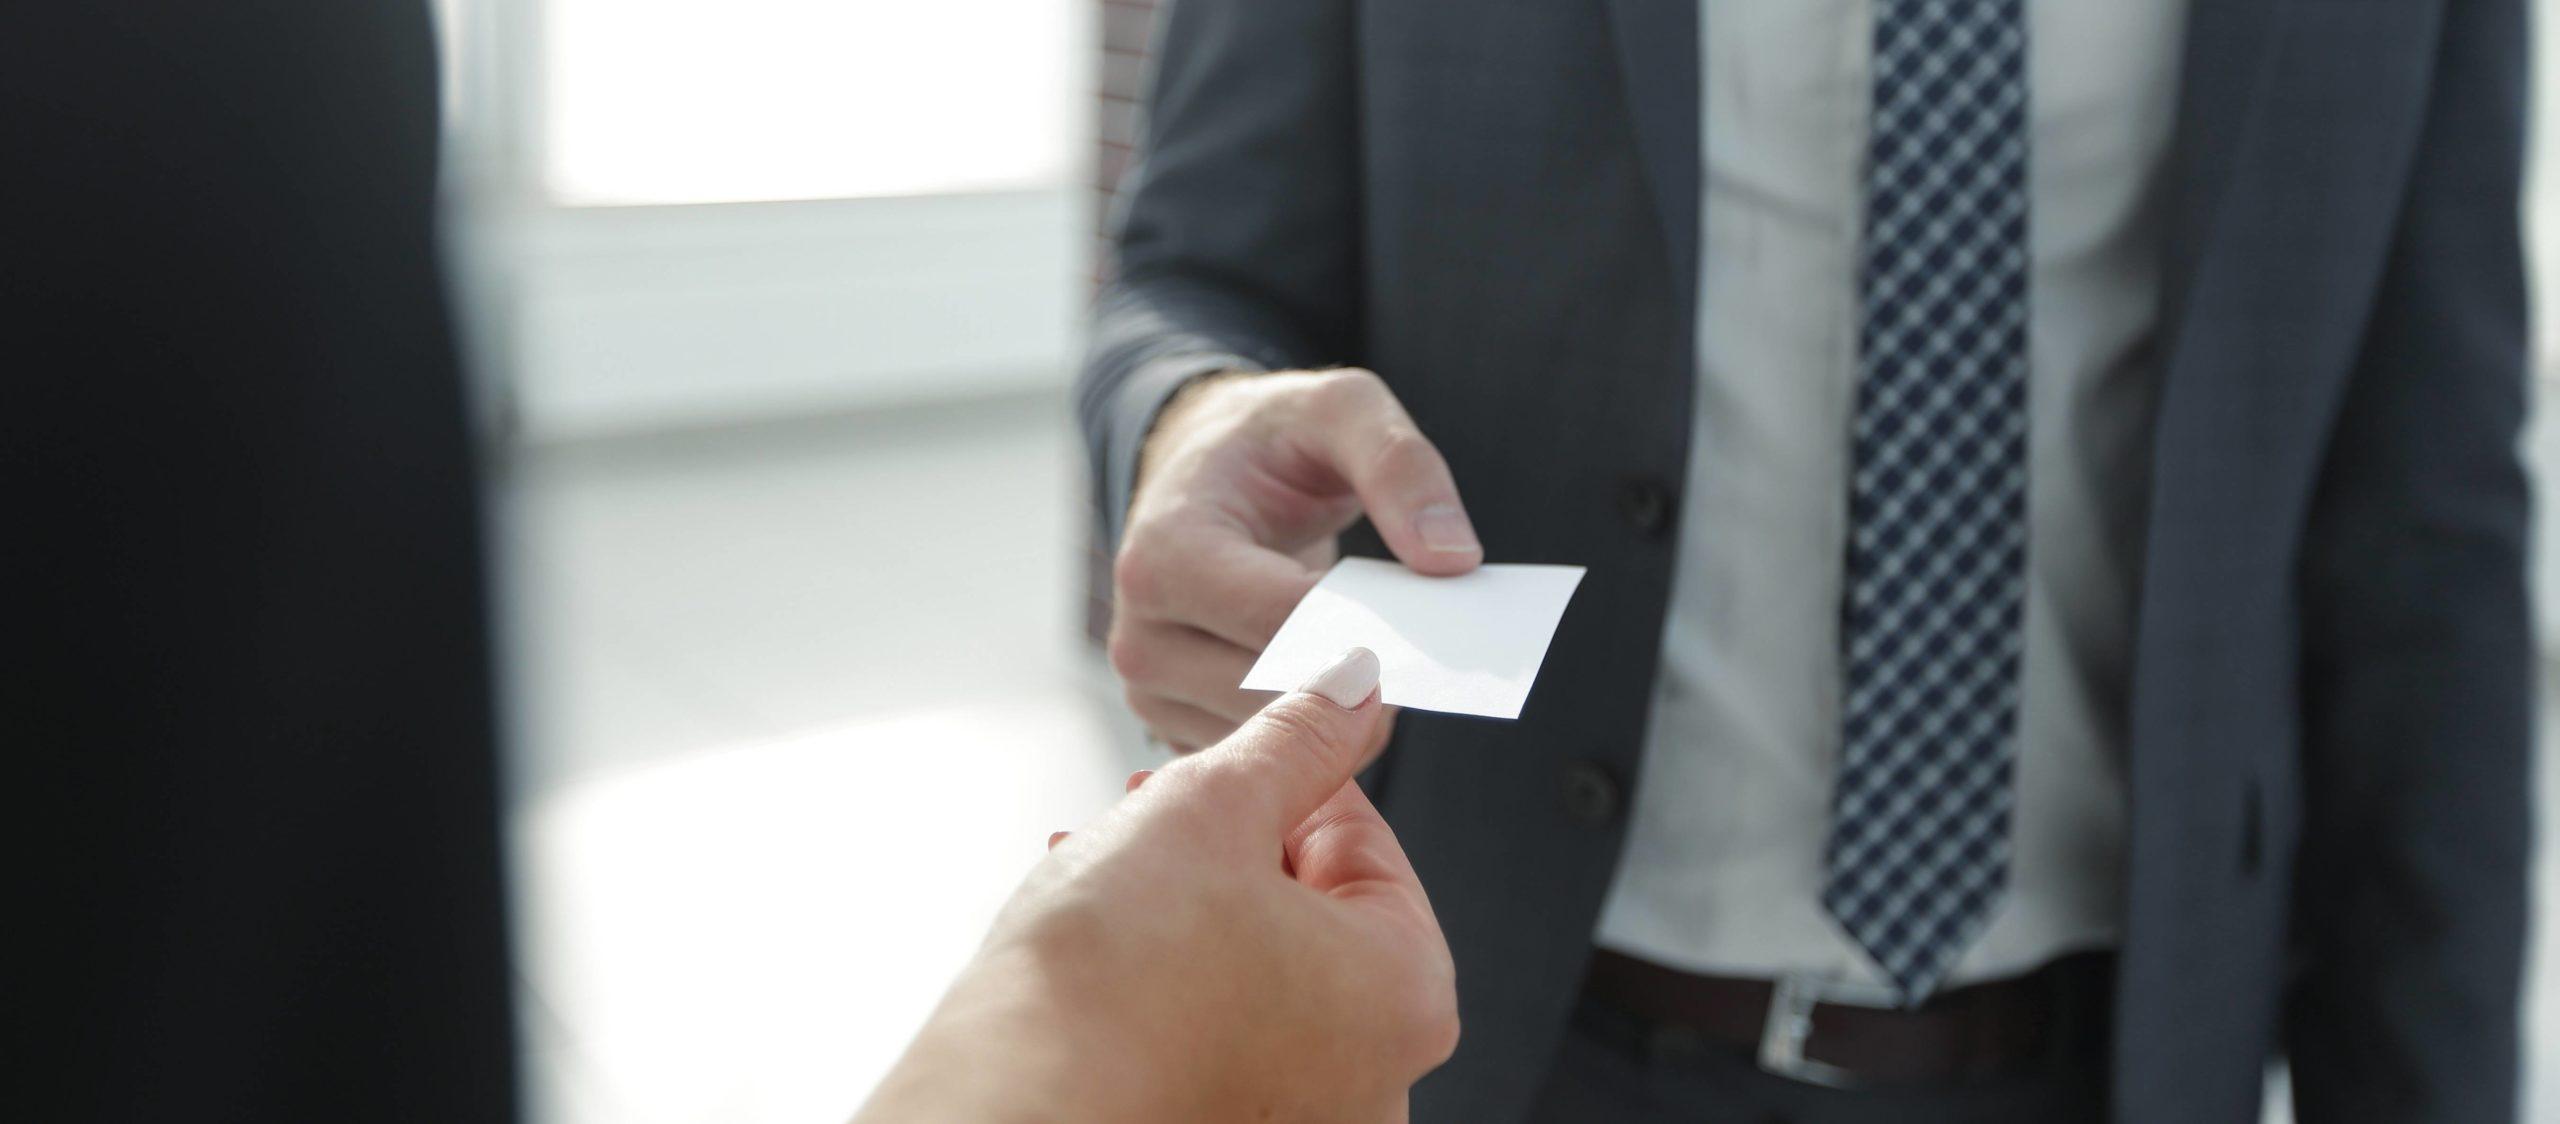 Businessman giving visit card